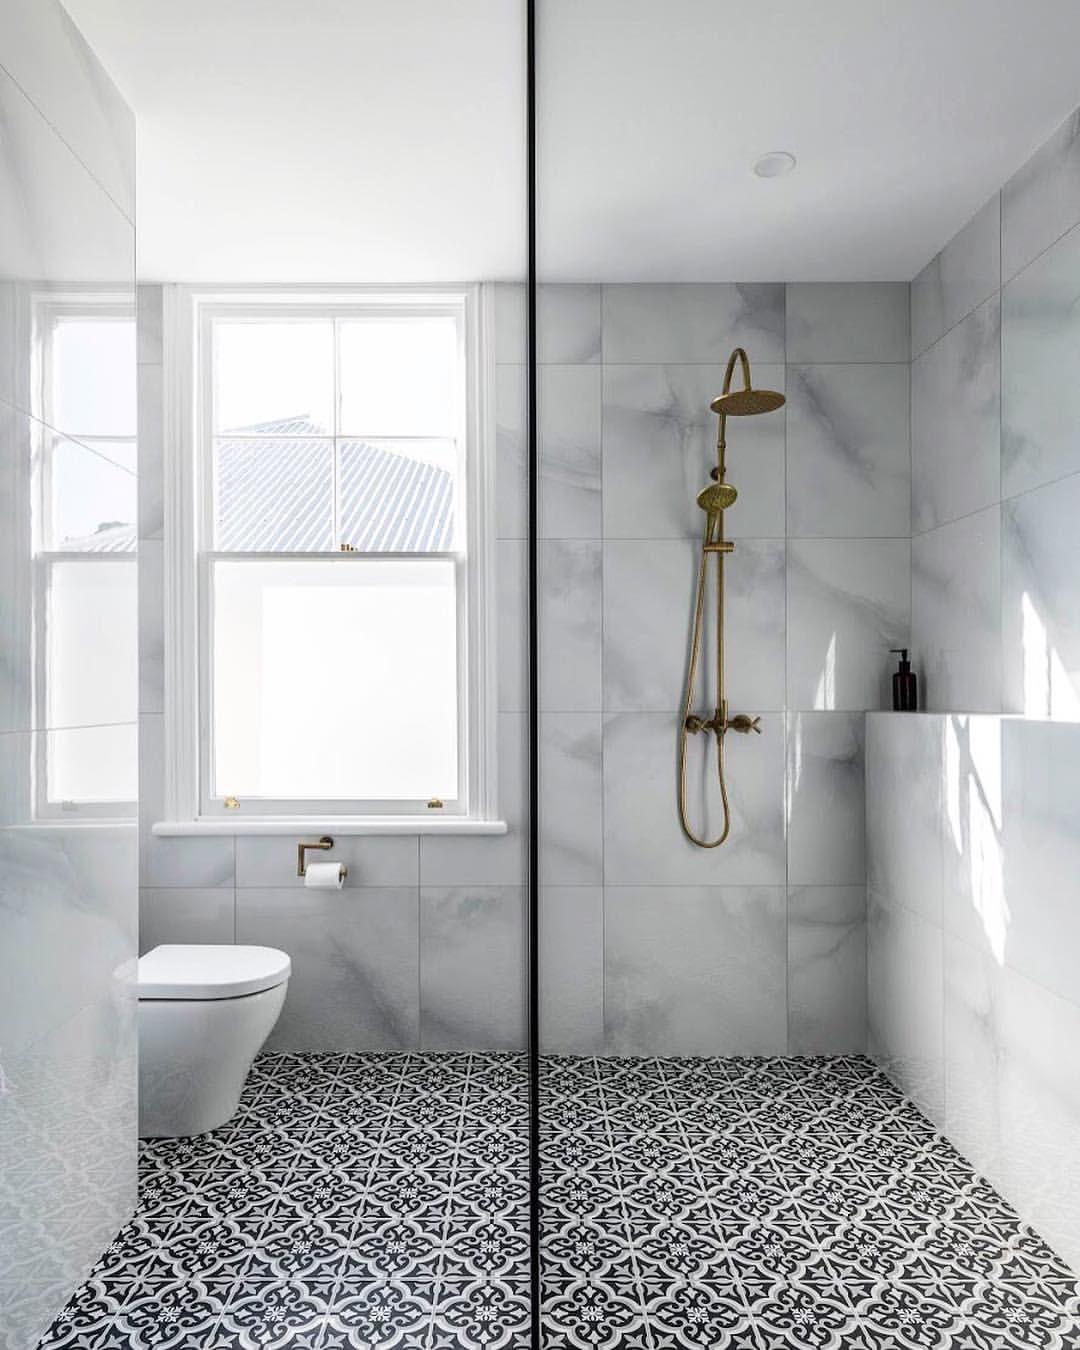 Amber Tiles Kellyville Pinned From Instagram Bighouselittlehouse Decorative Bathroom Floo Bathroom Wall Tile Bathroom Interior Design Bathroom Floor Tiles